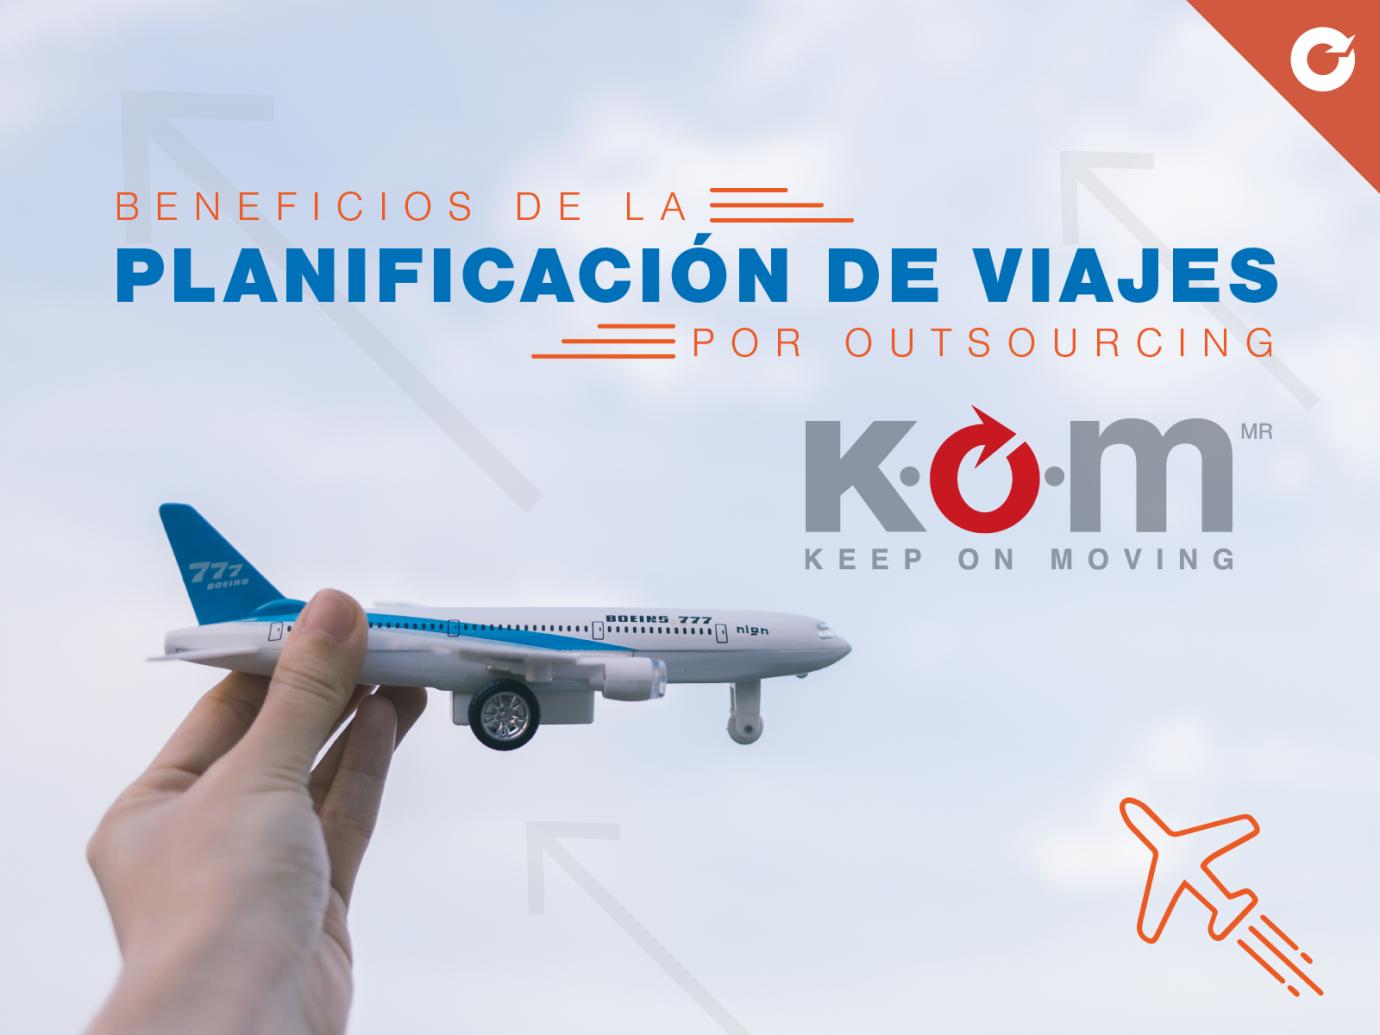 kom post wp3005 planificacic3b3n viajes - Los beneficios de la planificación de viajes por outsourcing